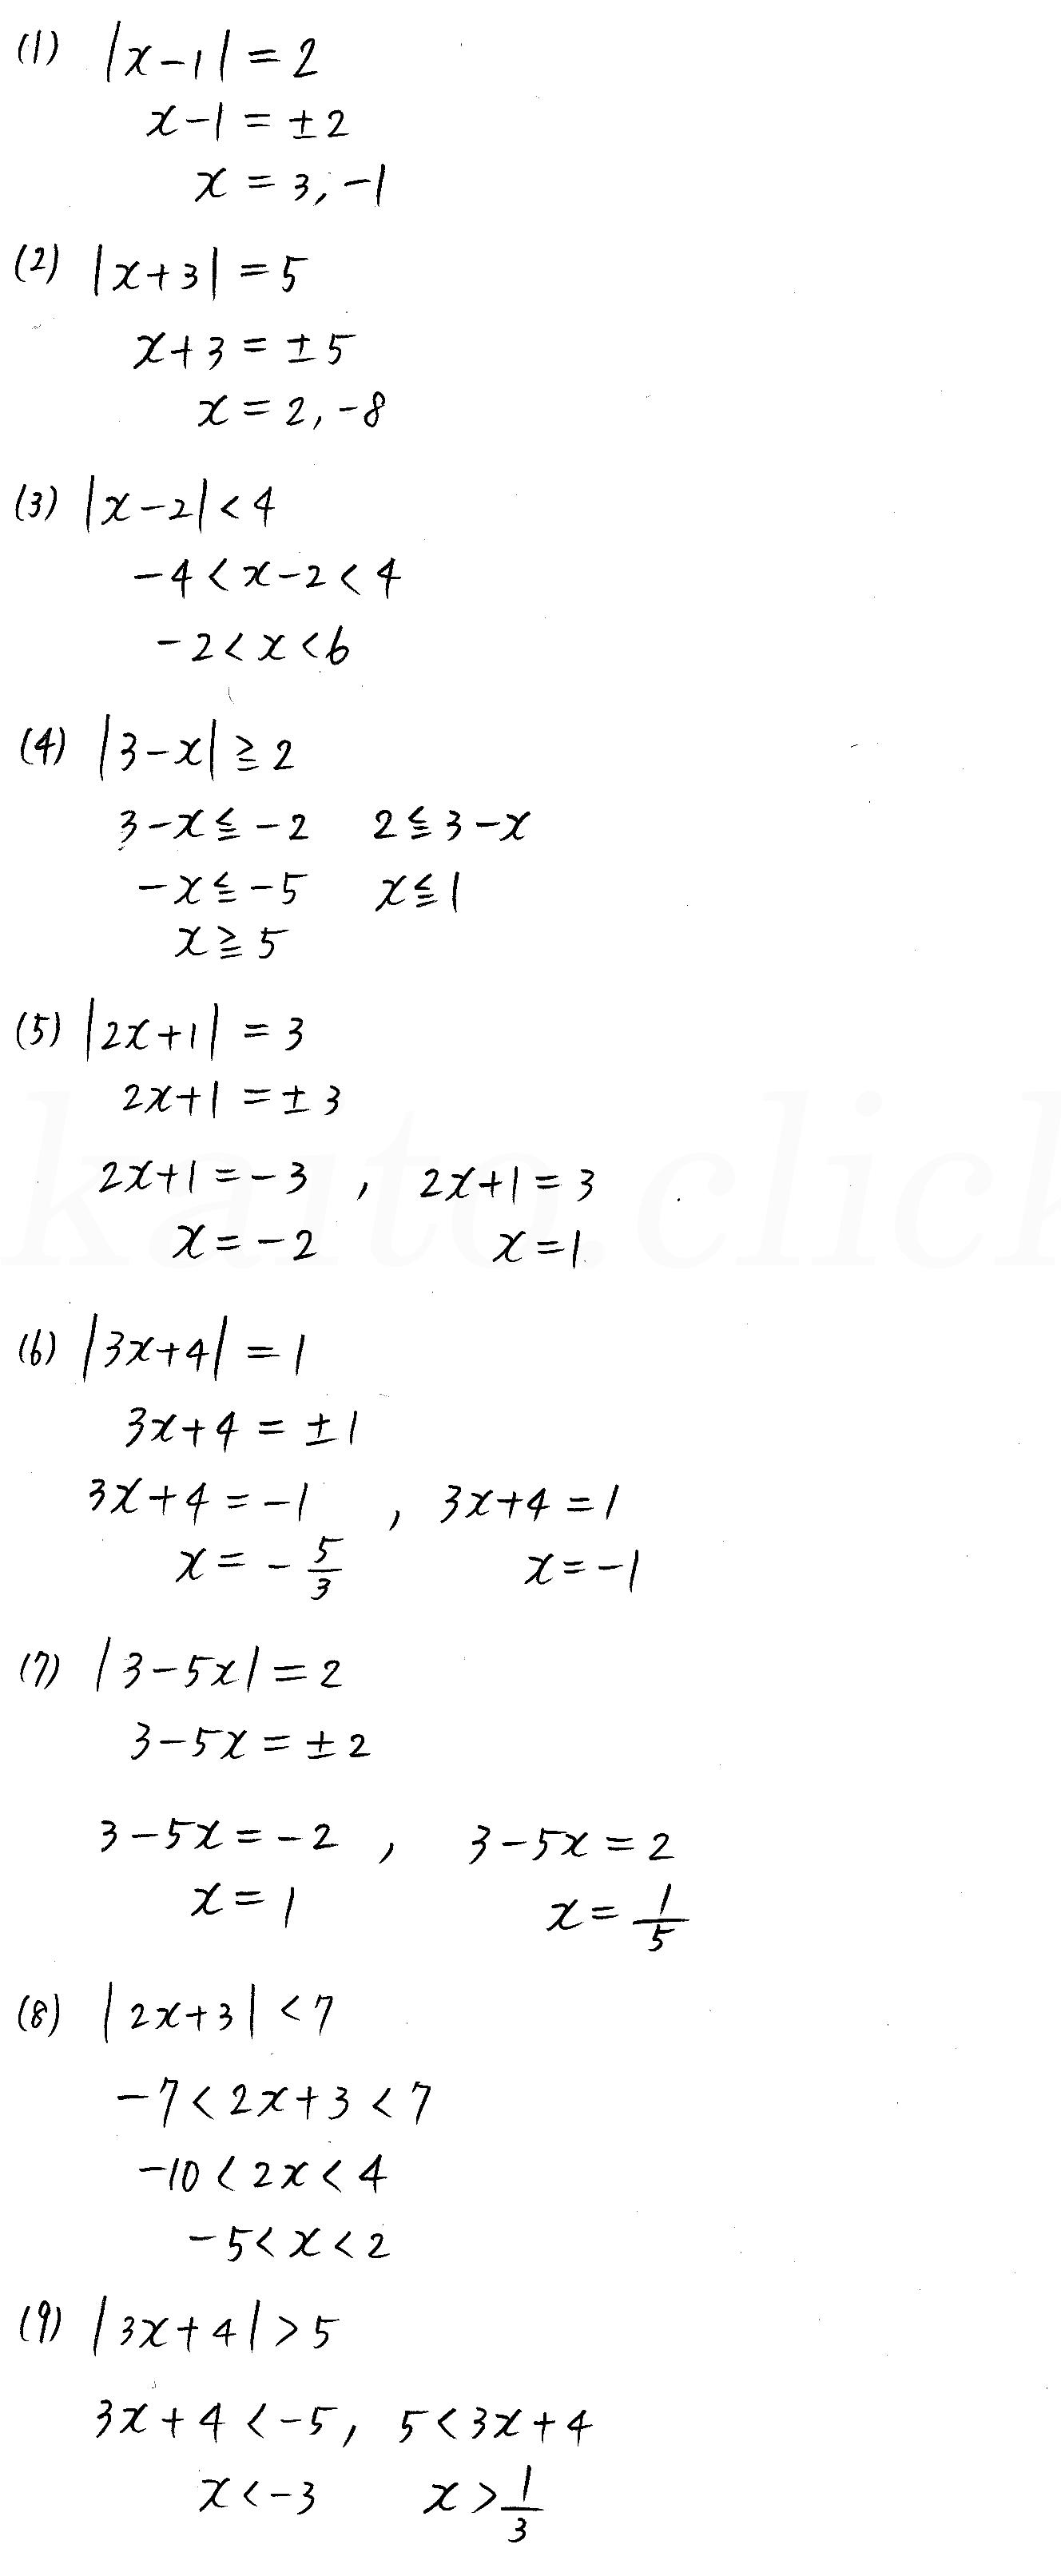 グラフ 関数 の 絶対 含む 値 を